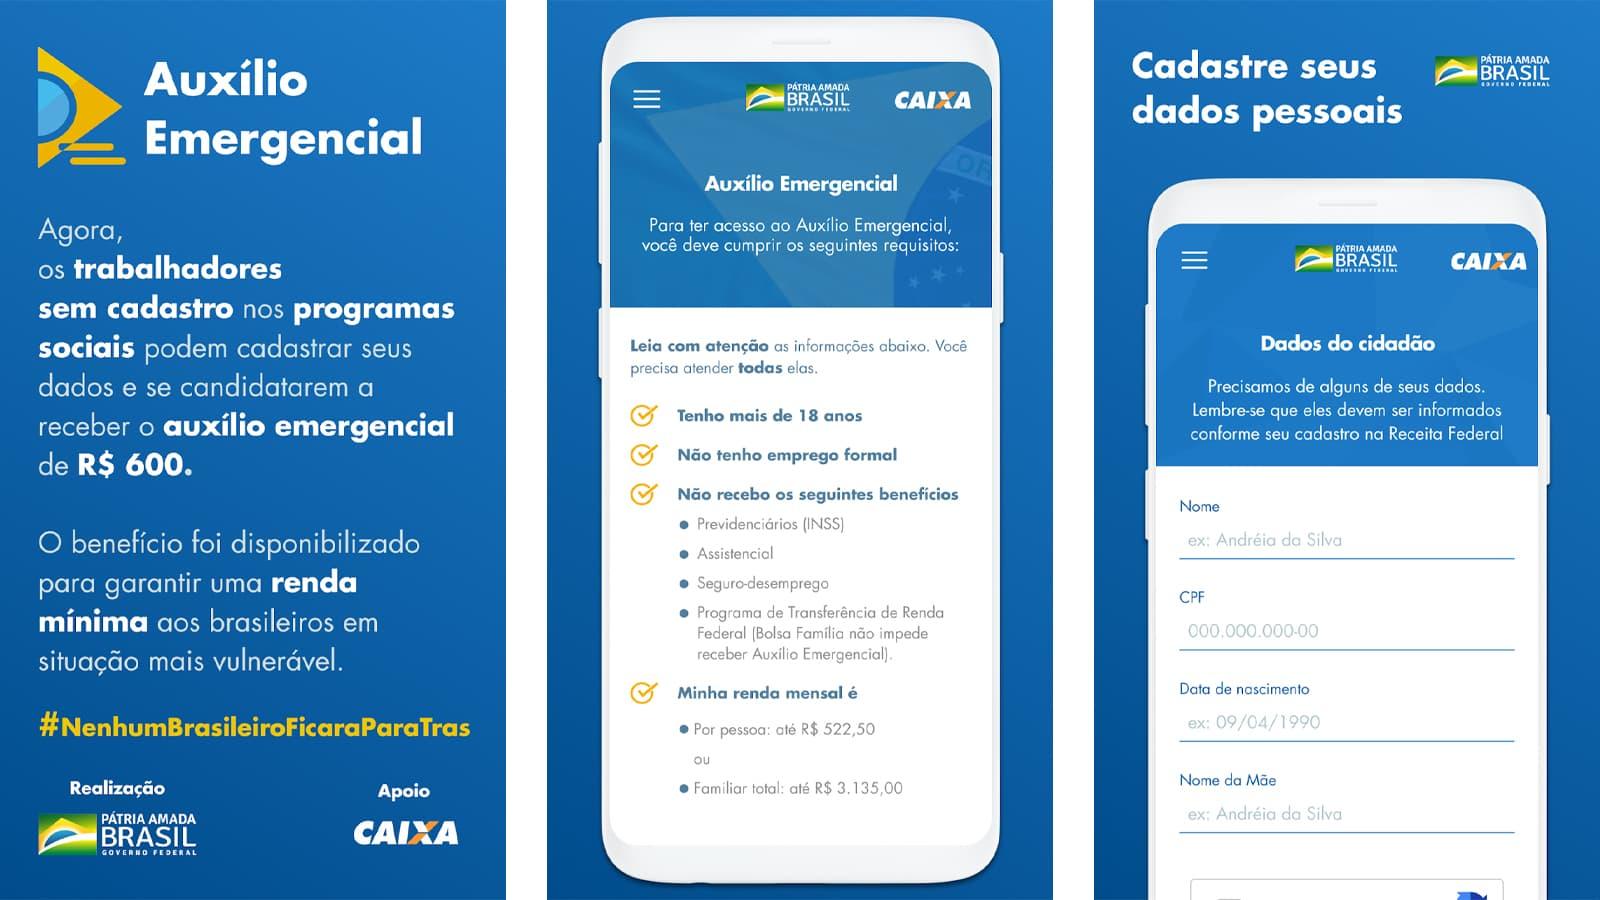 Telas do aplicativo de Auxílio Emergencial da Caixa